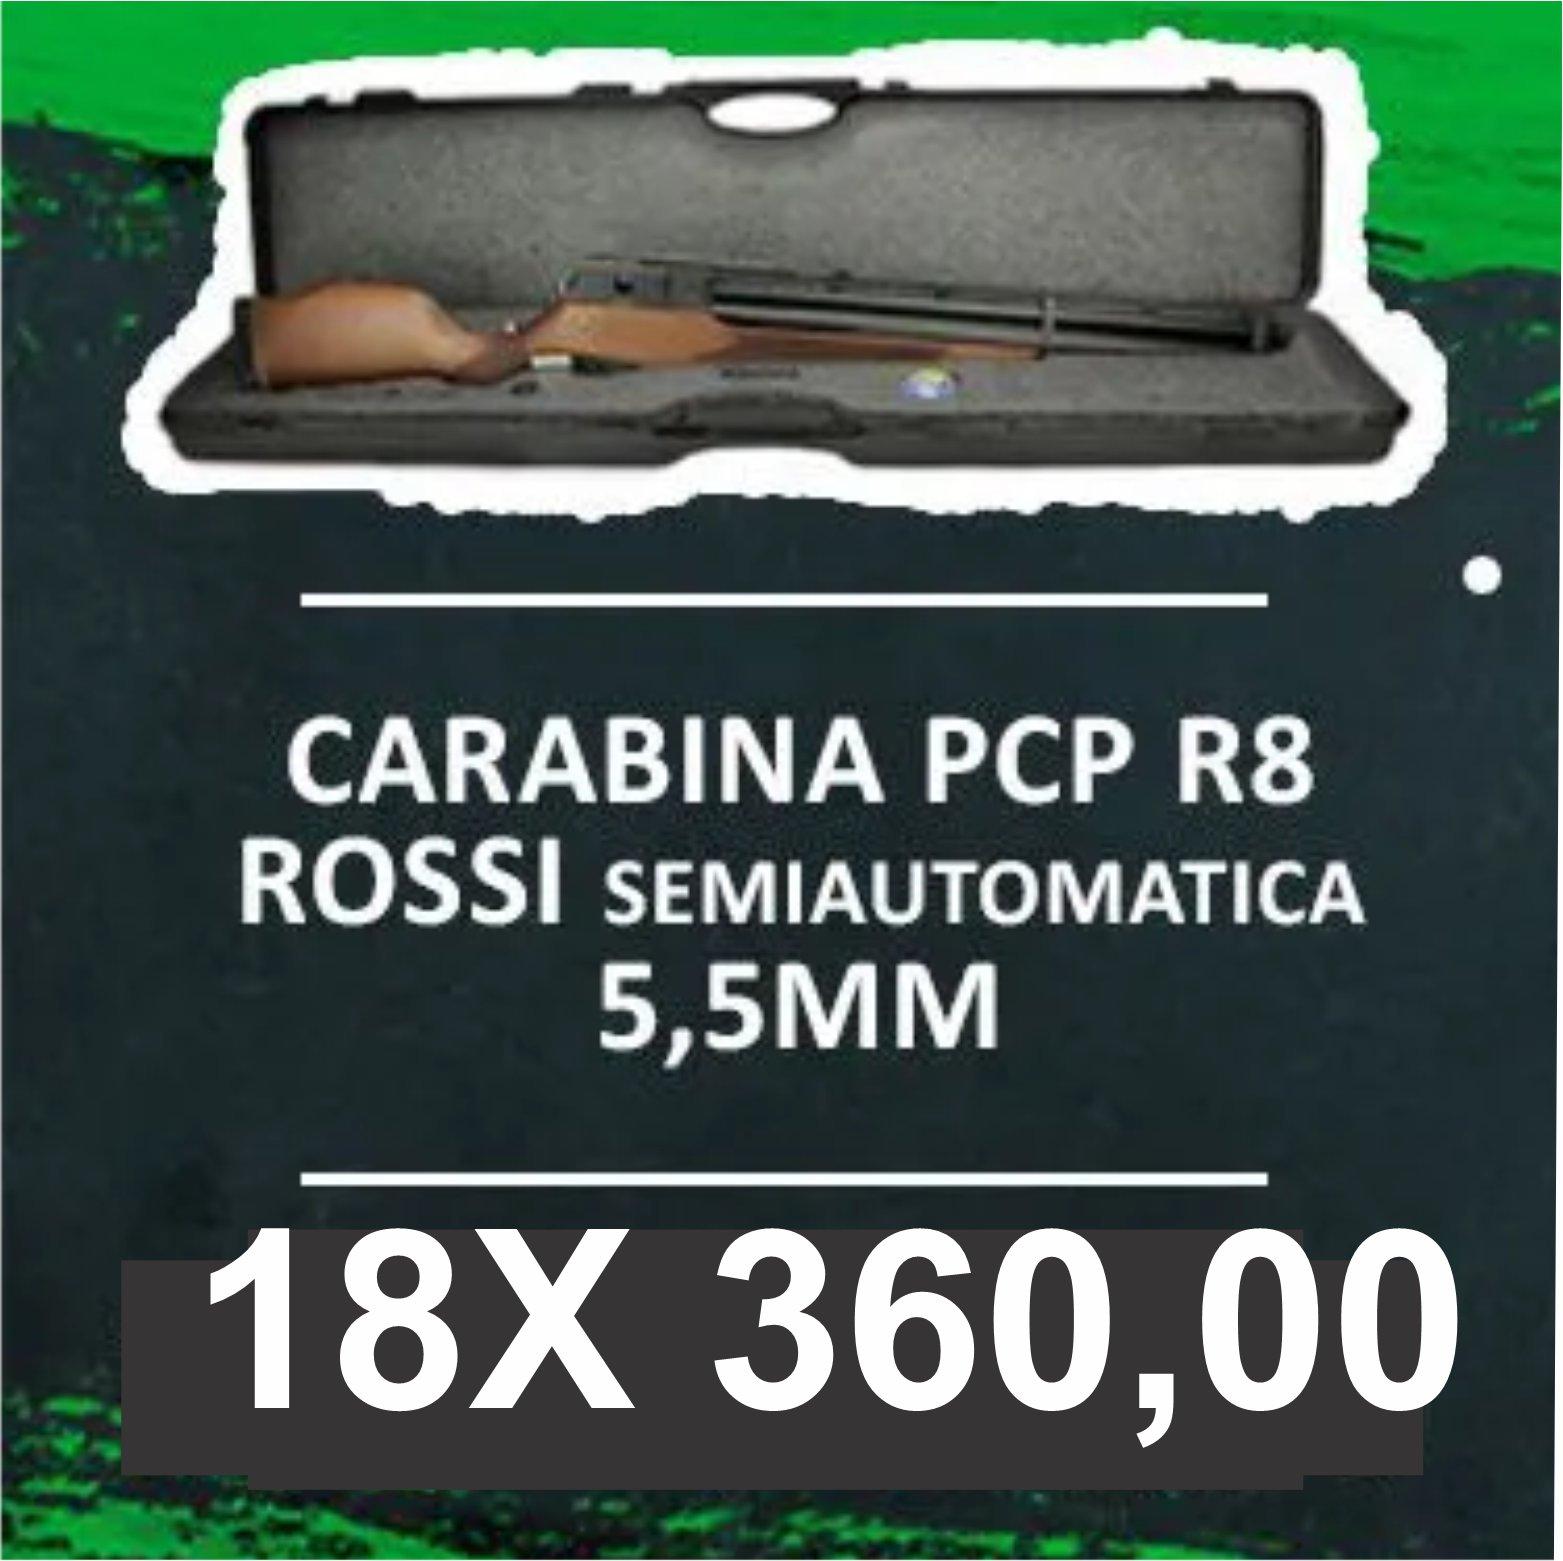 Consórcio - Carabina PCP R8 Rossi Semiautomatica 5,5mm Coronha Recartilhada 18x